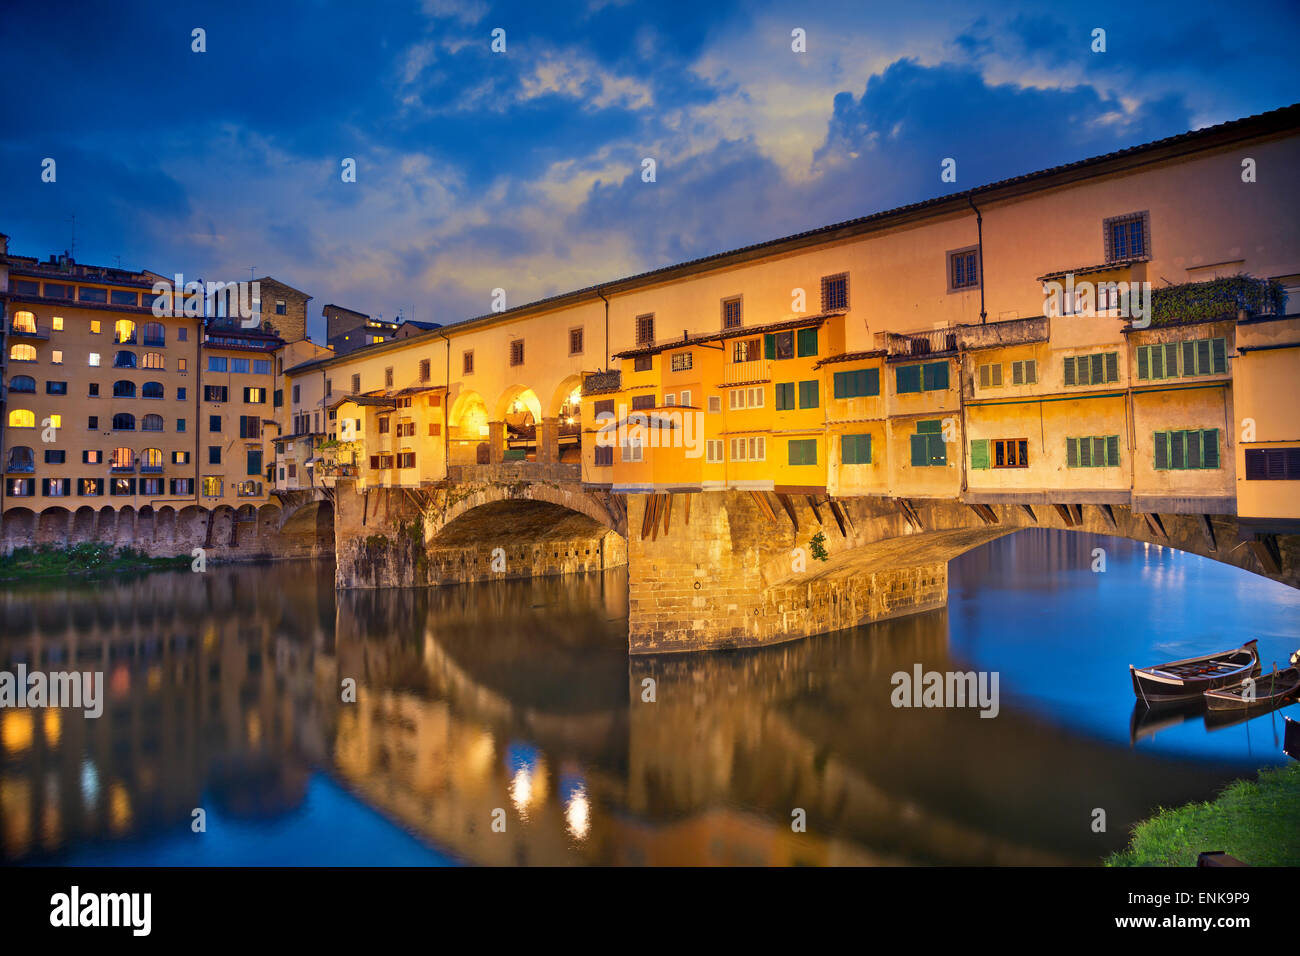 Florencia. Imagen de Ponte Vecchio en Florencia, Italia, al anochecer. Foto de stock